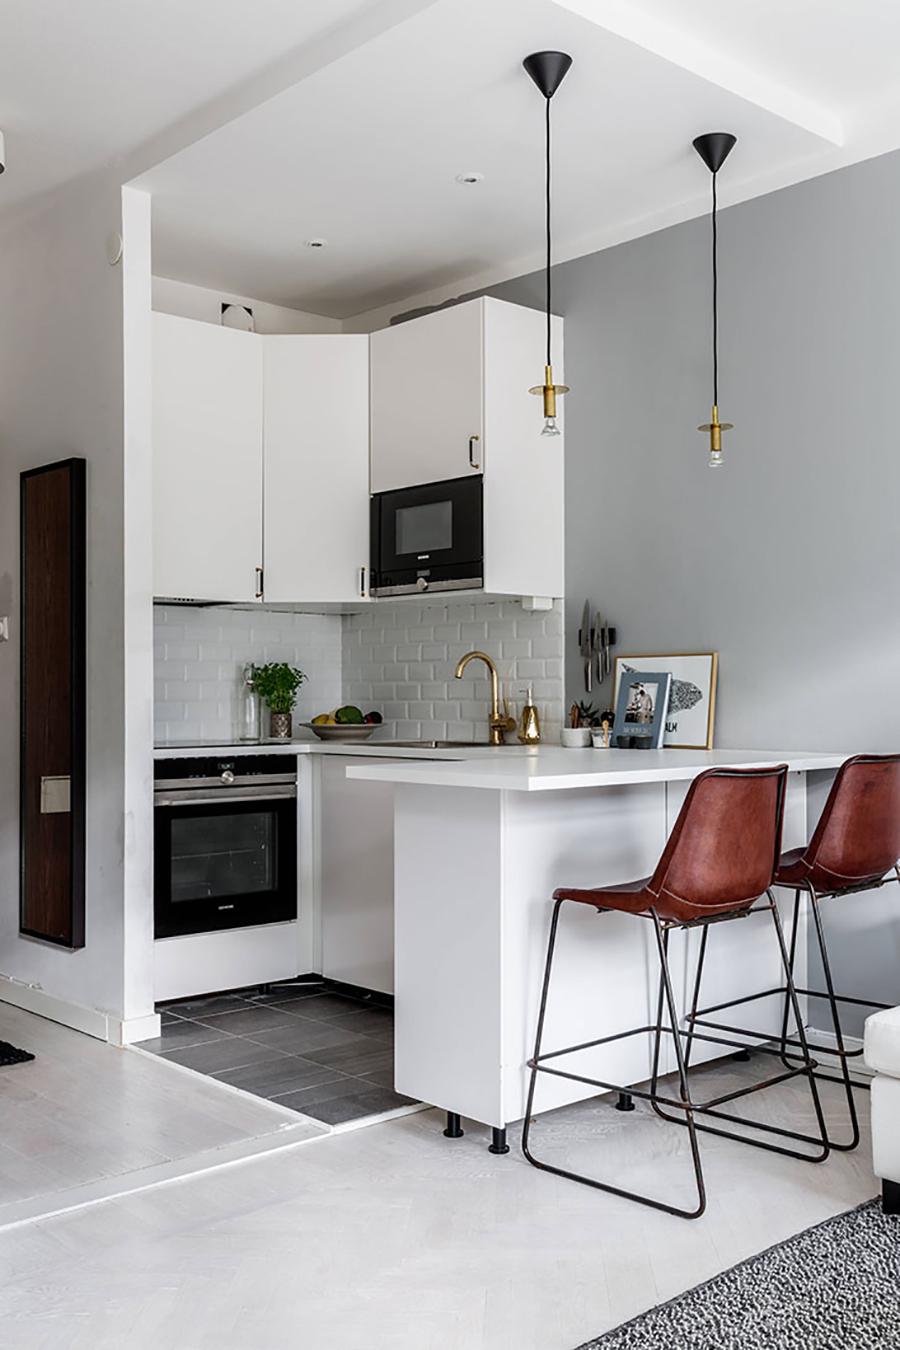 Para cocinas más pequeñas, la isla de cocina puede proporcionar un espacio extra para poner sillas y usar de superficie para comer o realizar otras actividades.